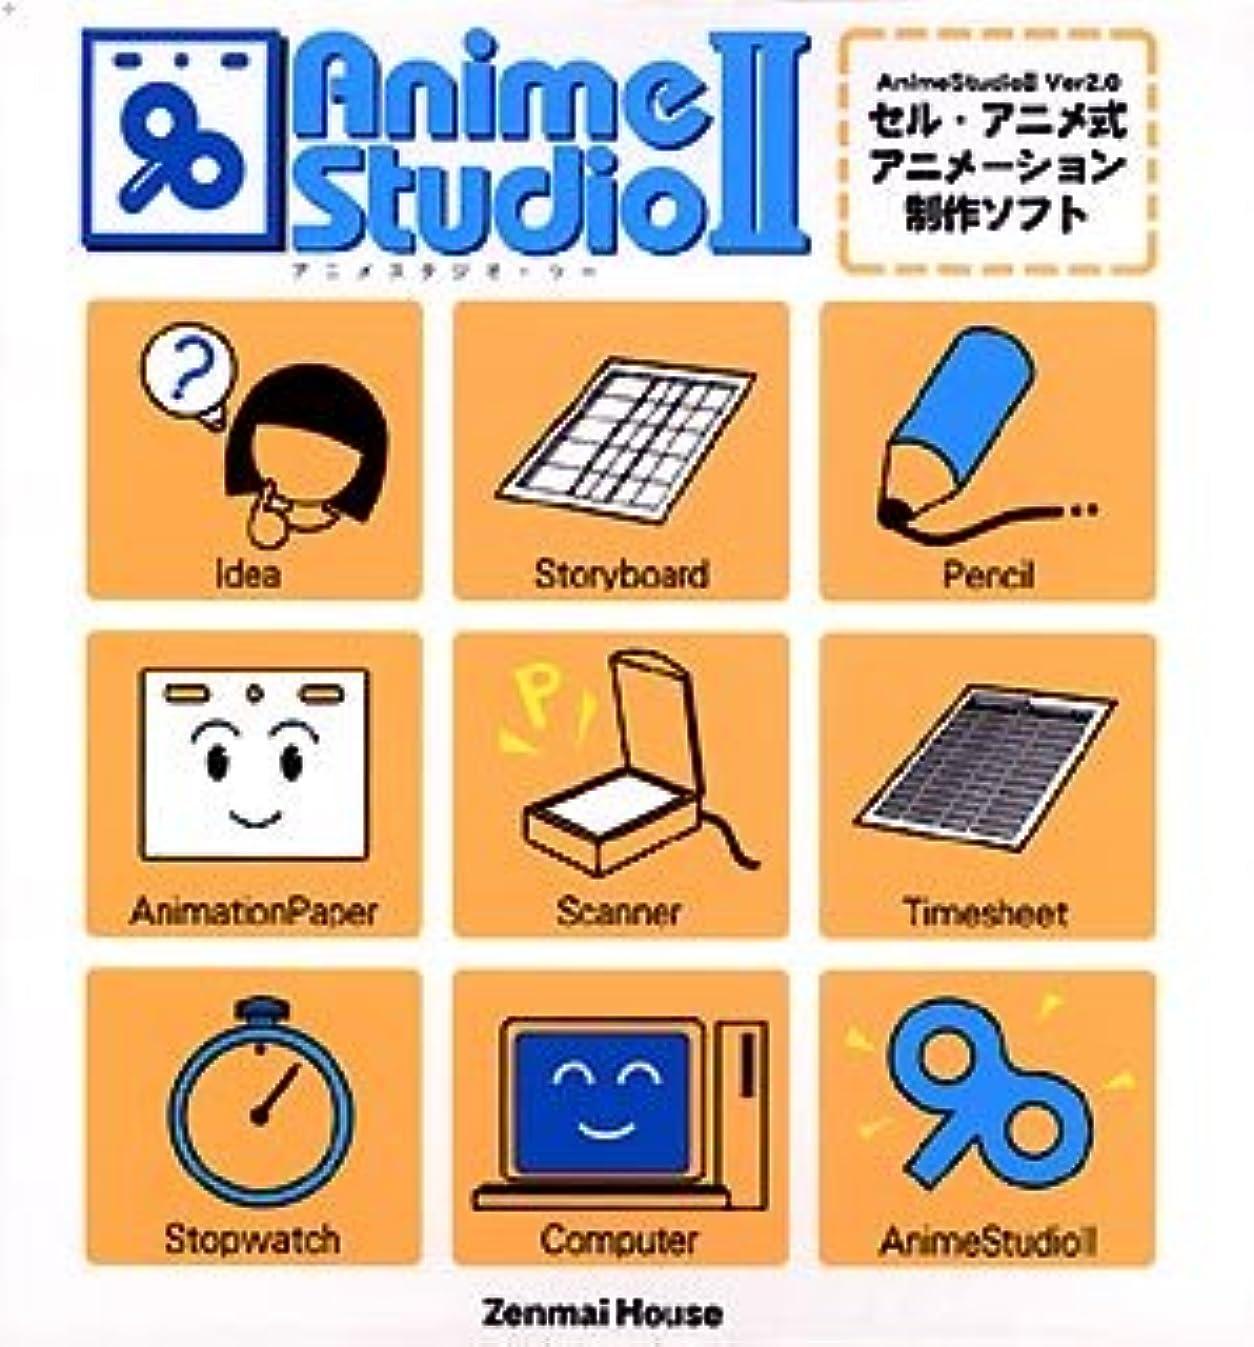 胸代表する涙AnimeStudio 2 Ver2.0 for Windows & MacOS